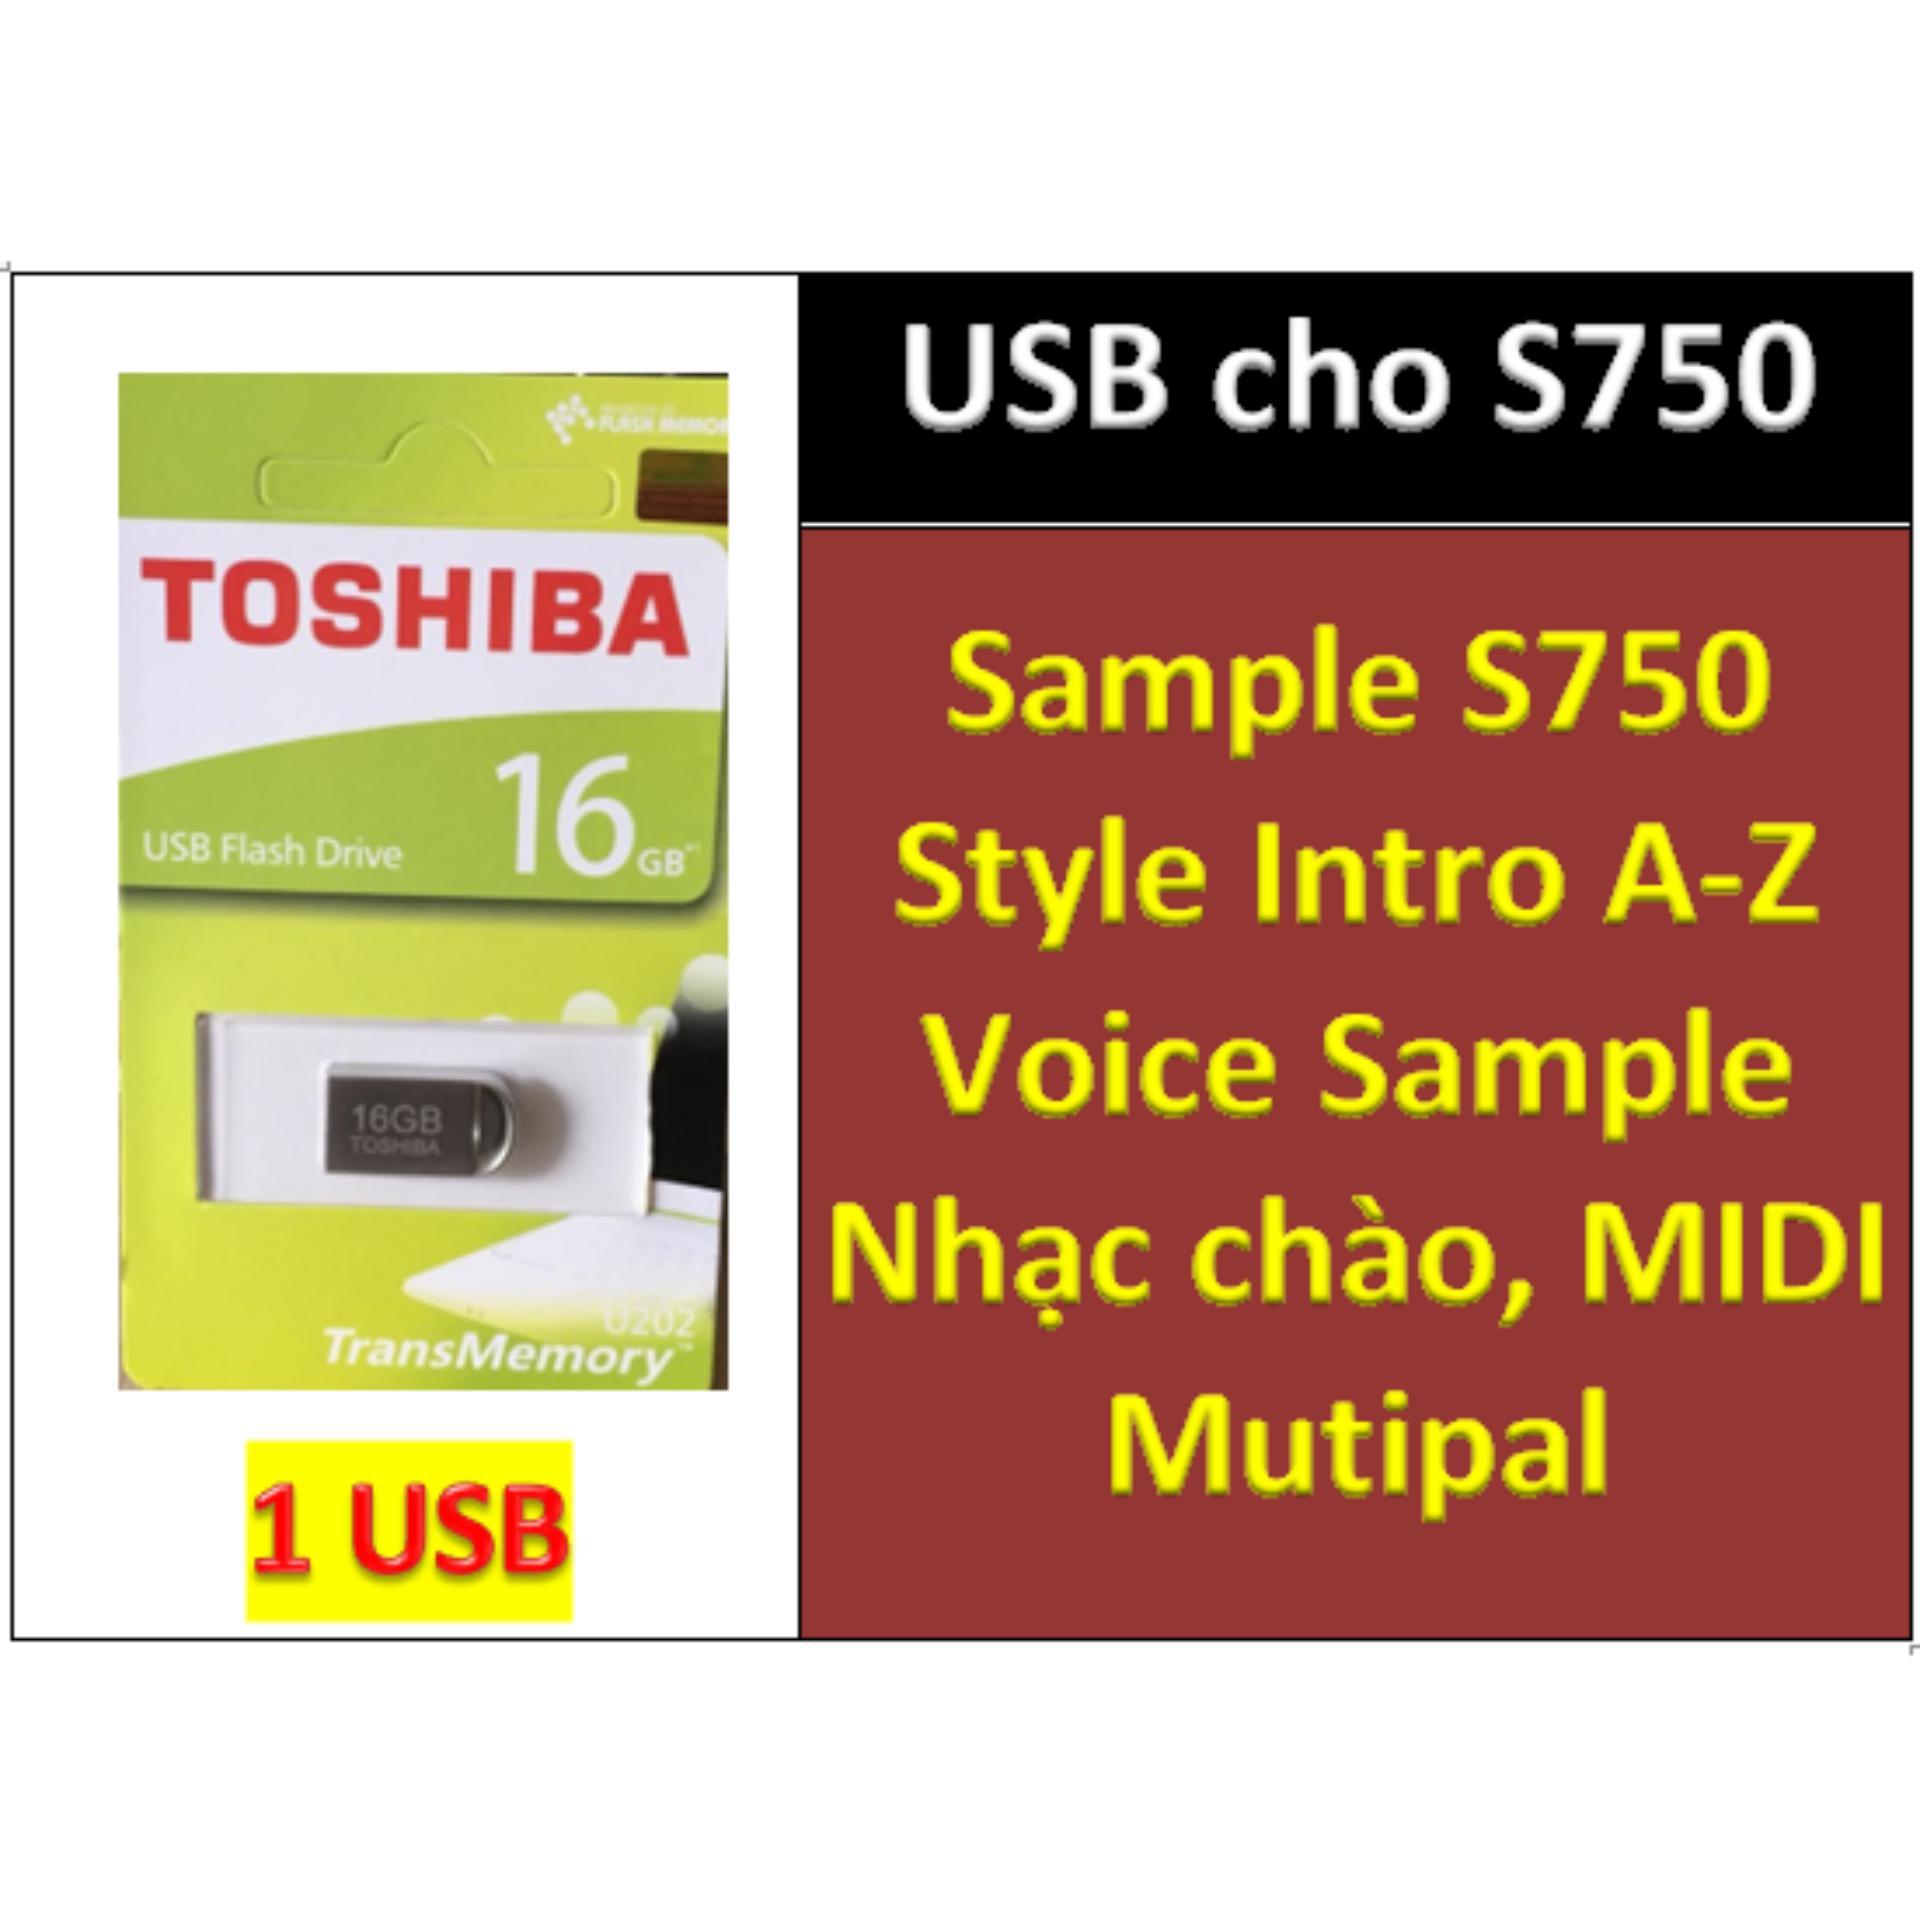 USB Mini Sample Cho đàn Organ Yamaha PSR-S750, Style, Nhạc Chào, Songbook, Midi + Full Dữ Liệu Làm Show Khuyến Mãi Sốc